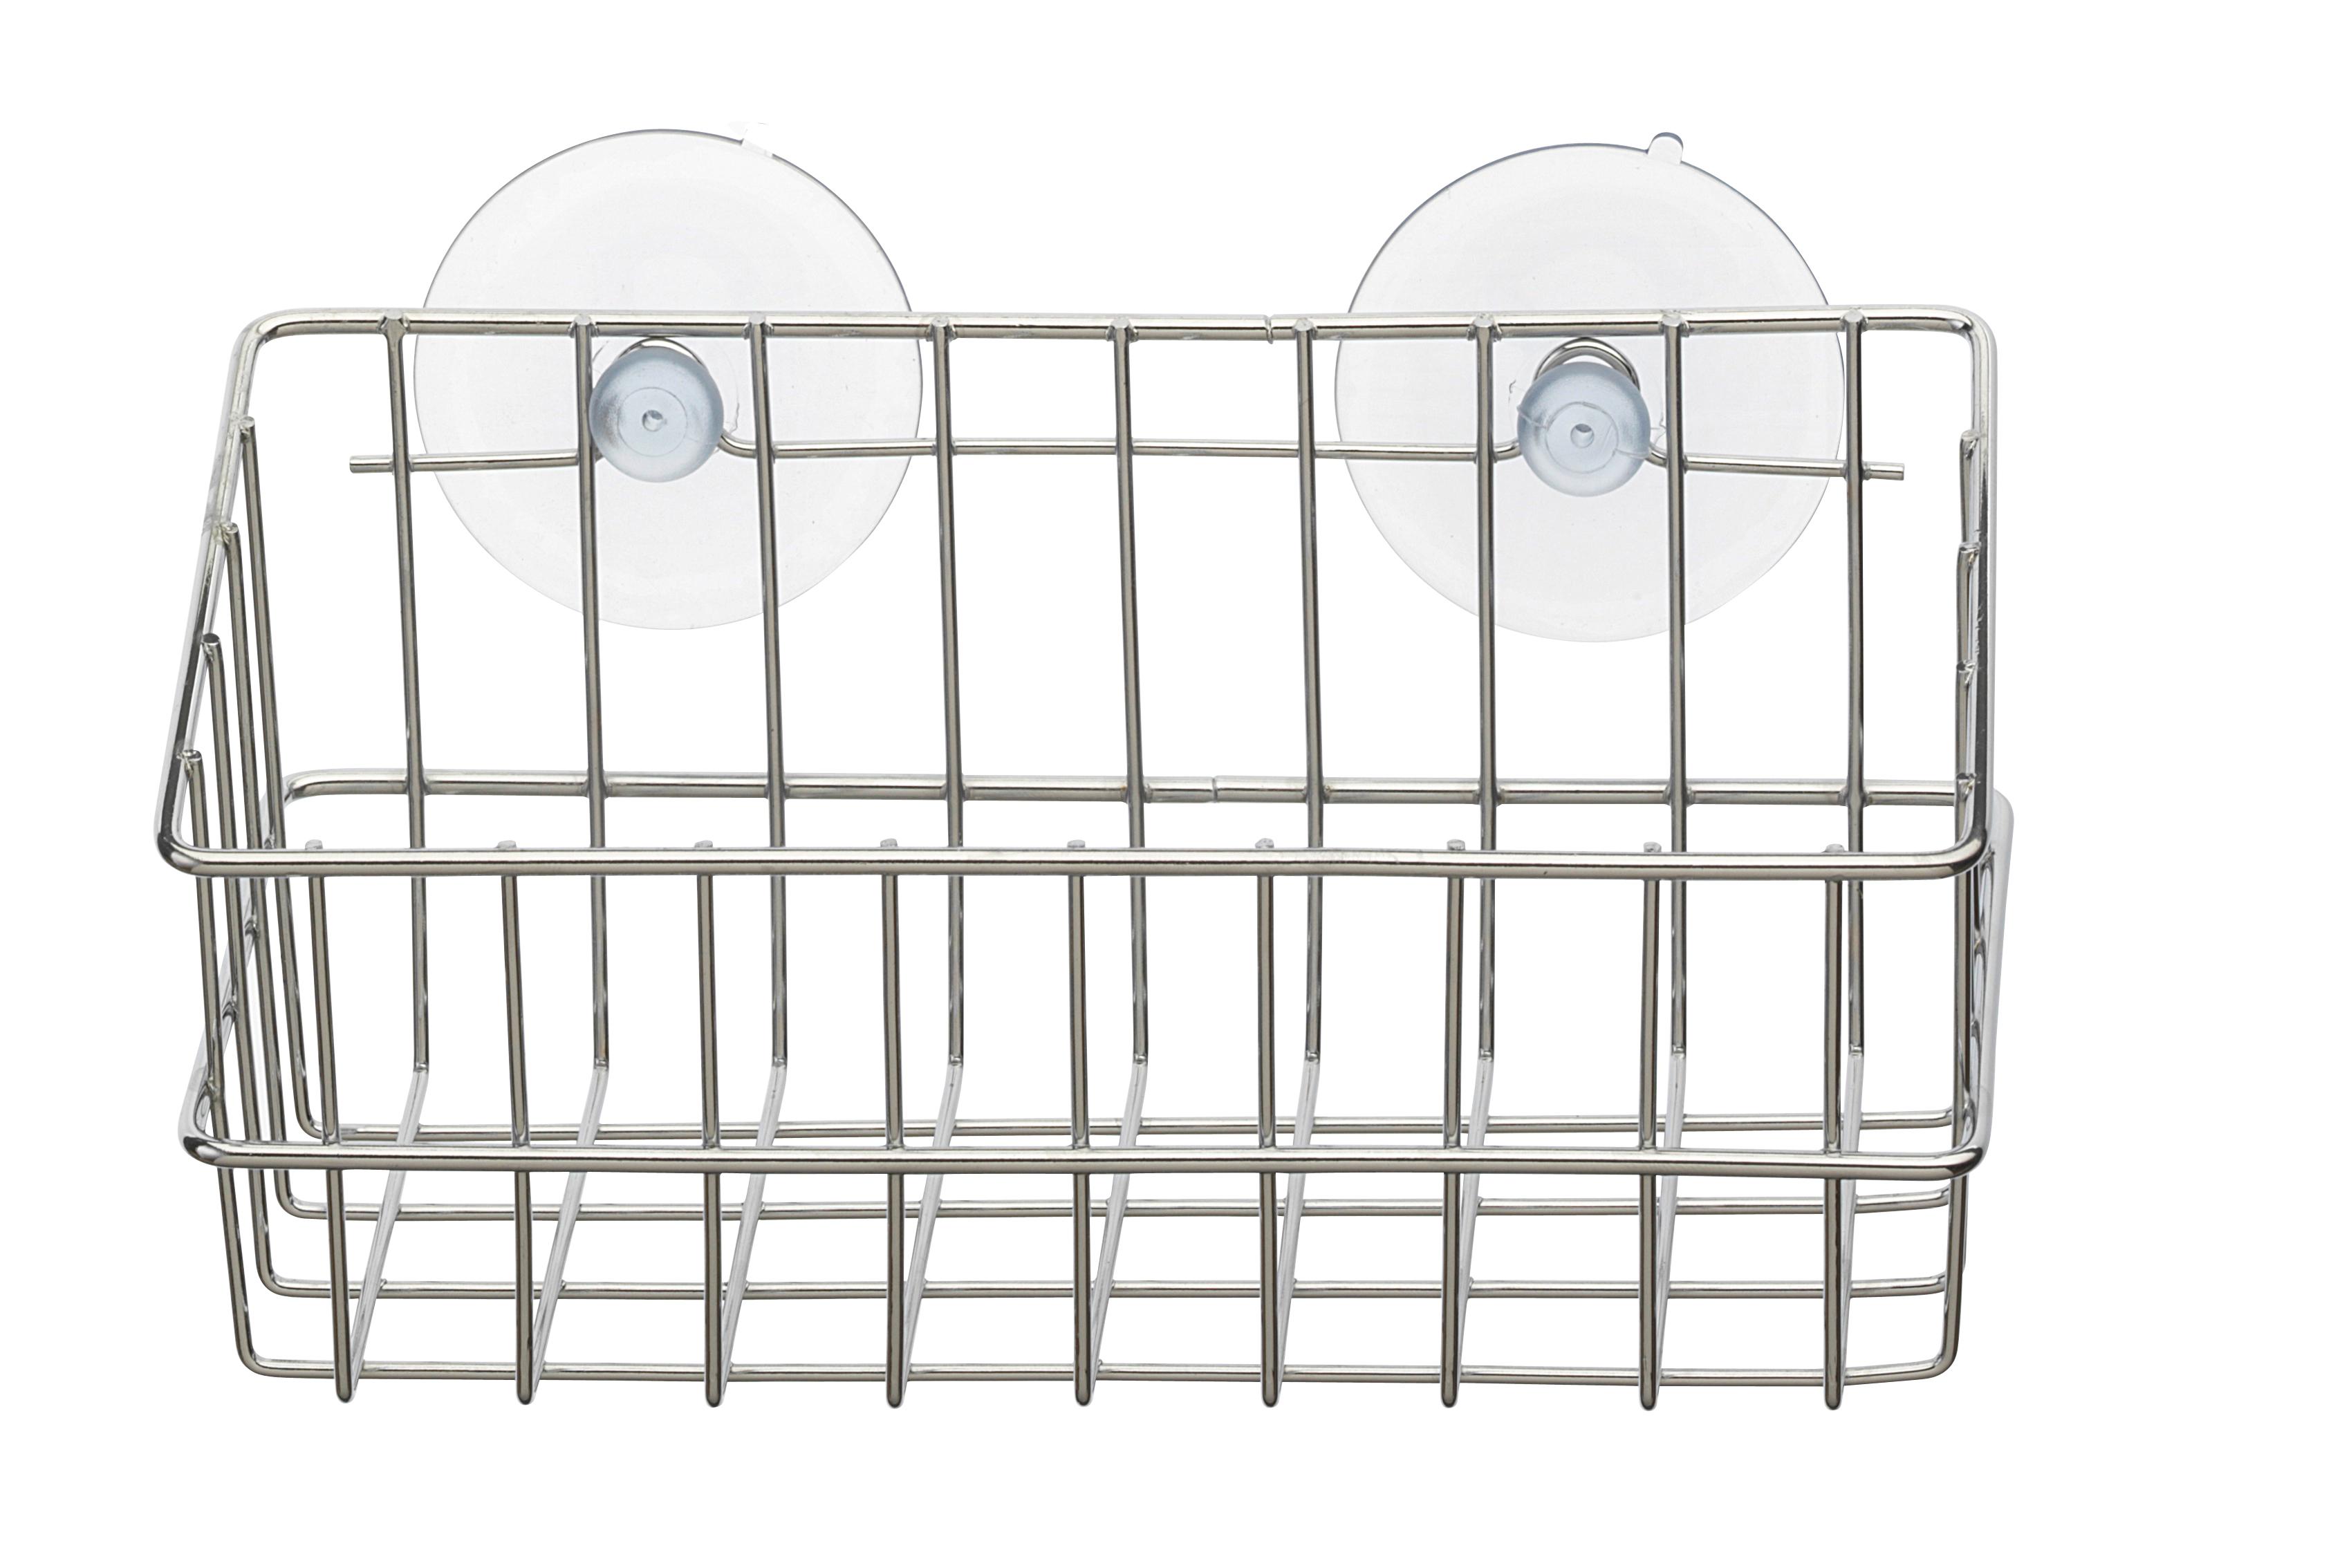 Корзинка для ванной Top Star, на присосках, 19,5 х 9 х 9 см702264Настенная корзинка для ванной комнаты Top Star изготовлена из высококачественной хромированной стали, устойчивой к высокой влажности. Глубокая корзинка прямоугольной формы отлично подойдет для хранения тюбиков гелей для душа, шампуней, мочалок и прочего. Изделие крепится к стене с помощью присосок (входят в комплект).